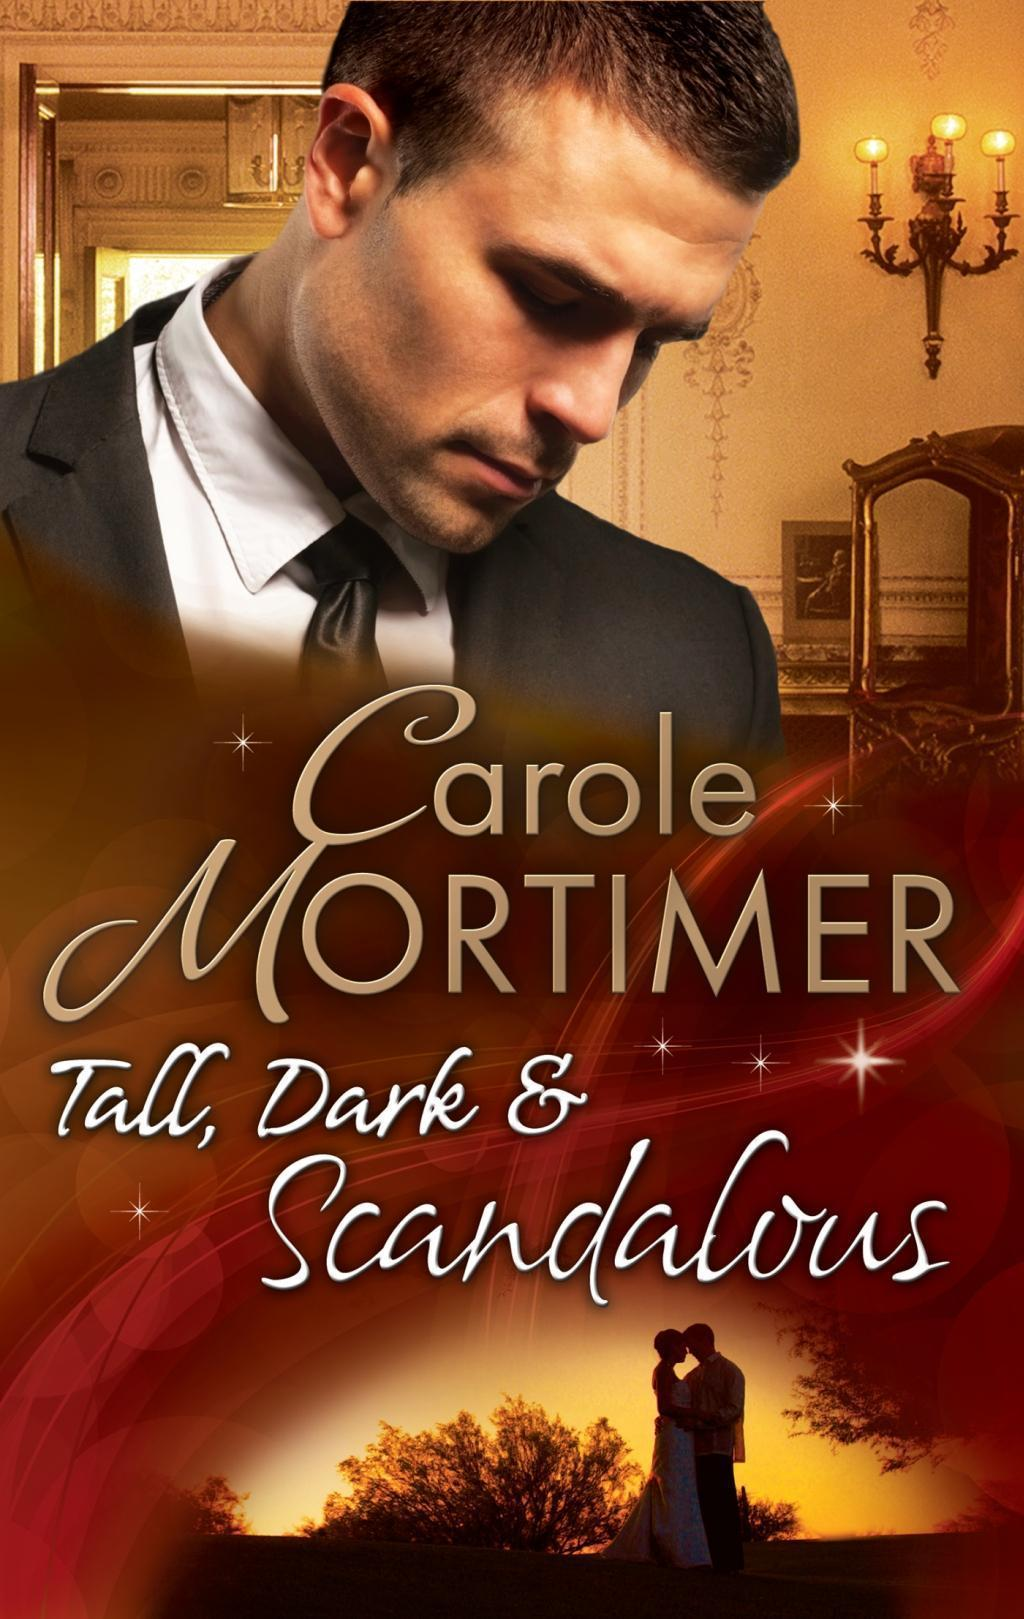 Tall, Dark & Scandalous: Jordan St Claire: Dark and Dangerous / The Reluctant Duke / Taming the Last St Claire (Mills & Boon M&B) (The Scandalous St. Claires, Book 1)